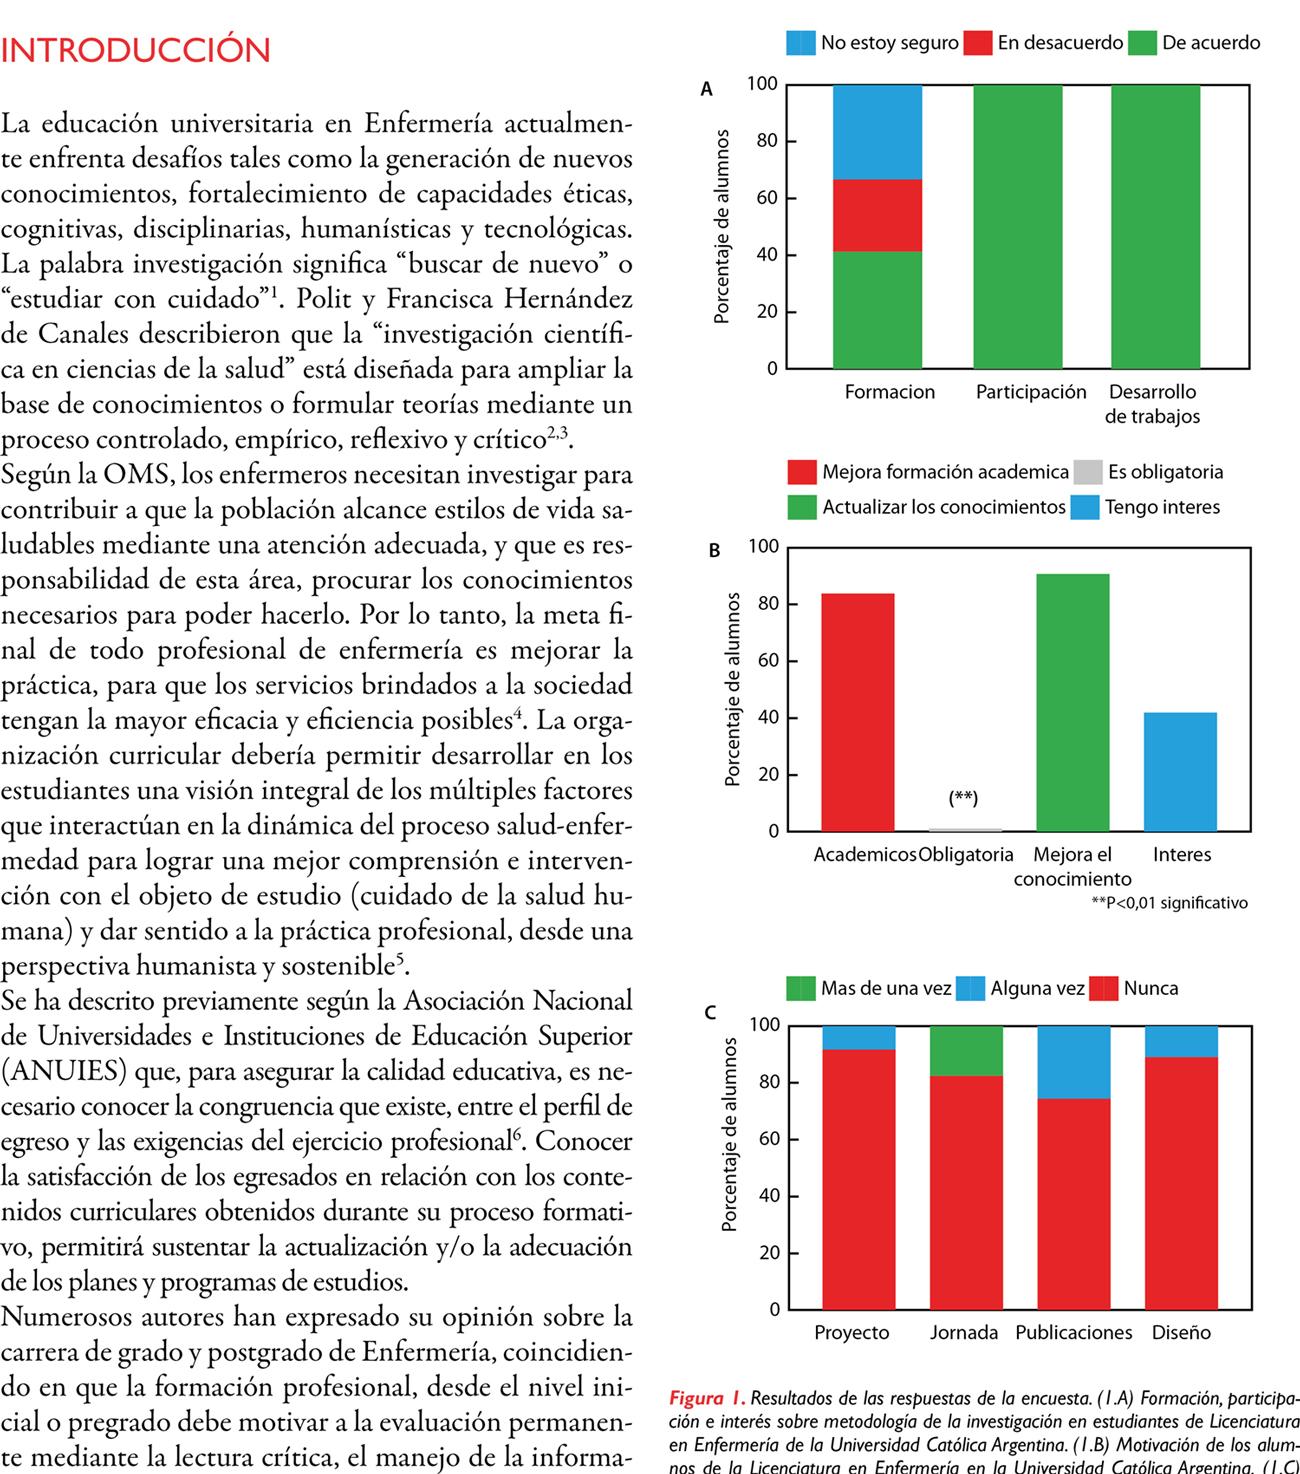 Estudio descriptivo de corte transversal para valorar las experiencias y expectativas de estudiantes de la licenciatura en Enfermería de la Universidad Católica Argentina, en relación a la investigación